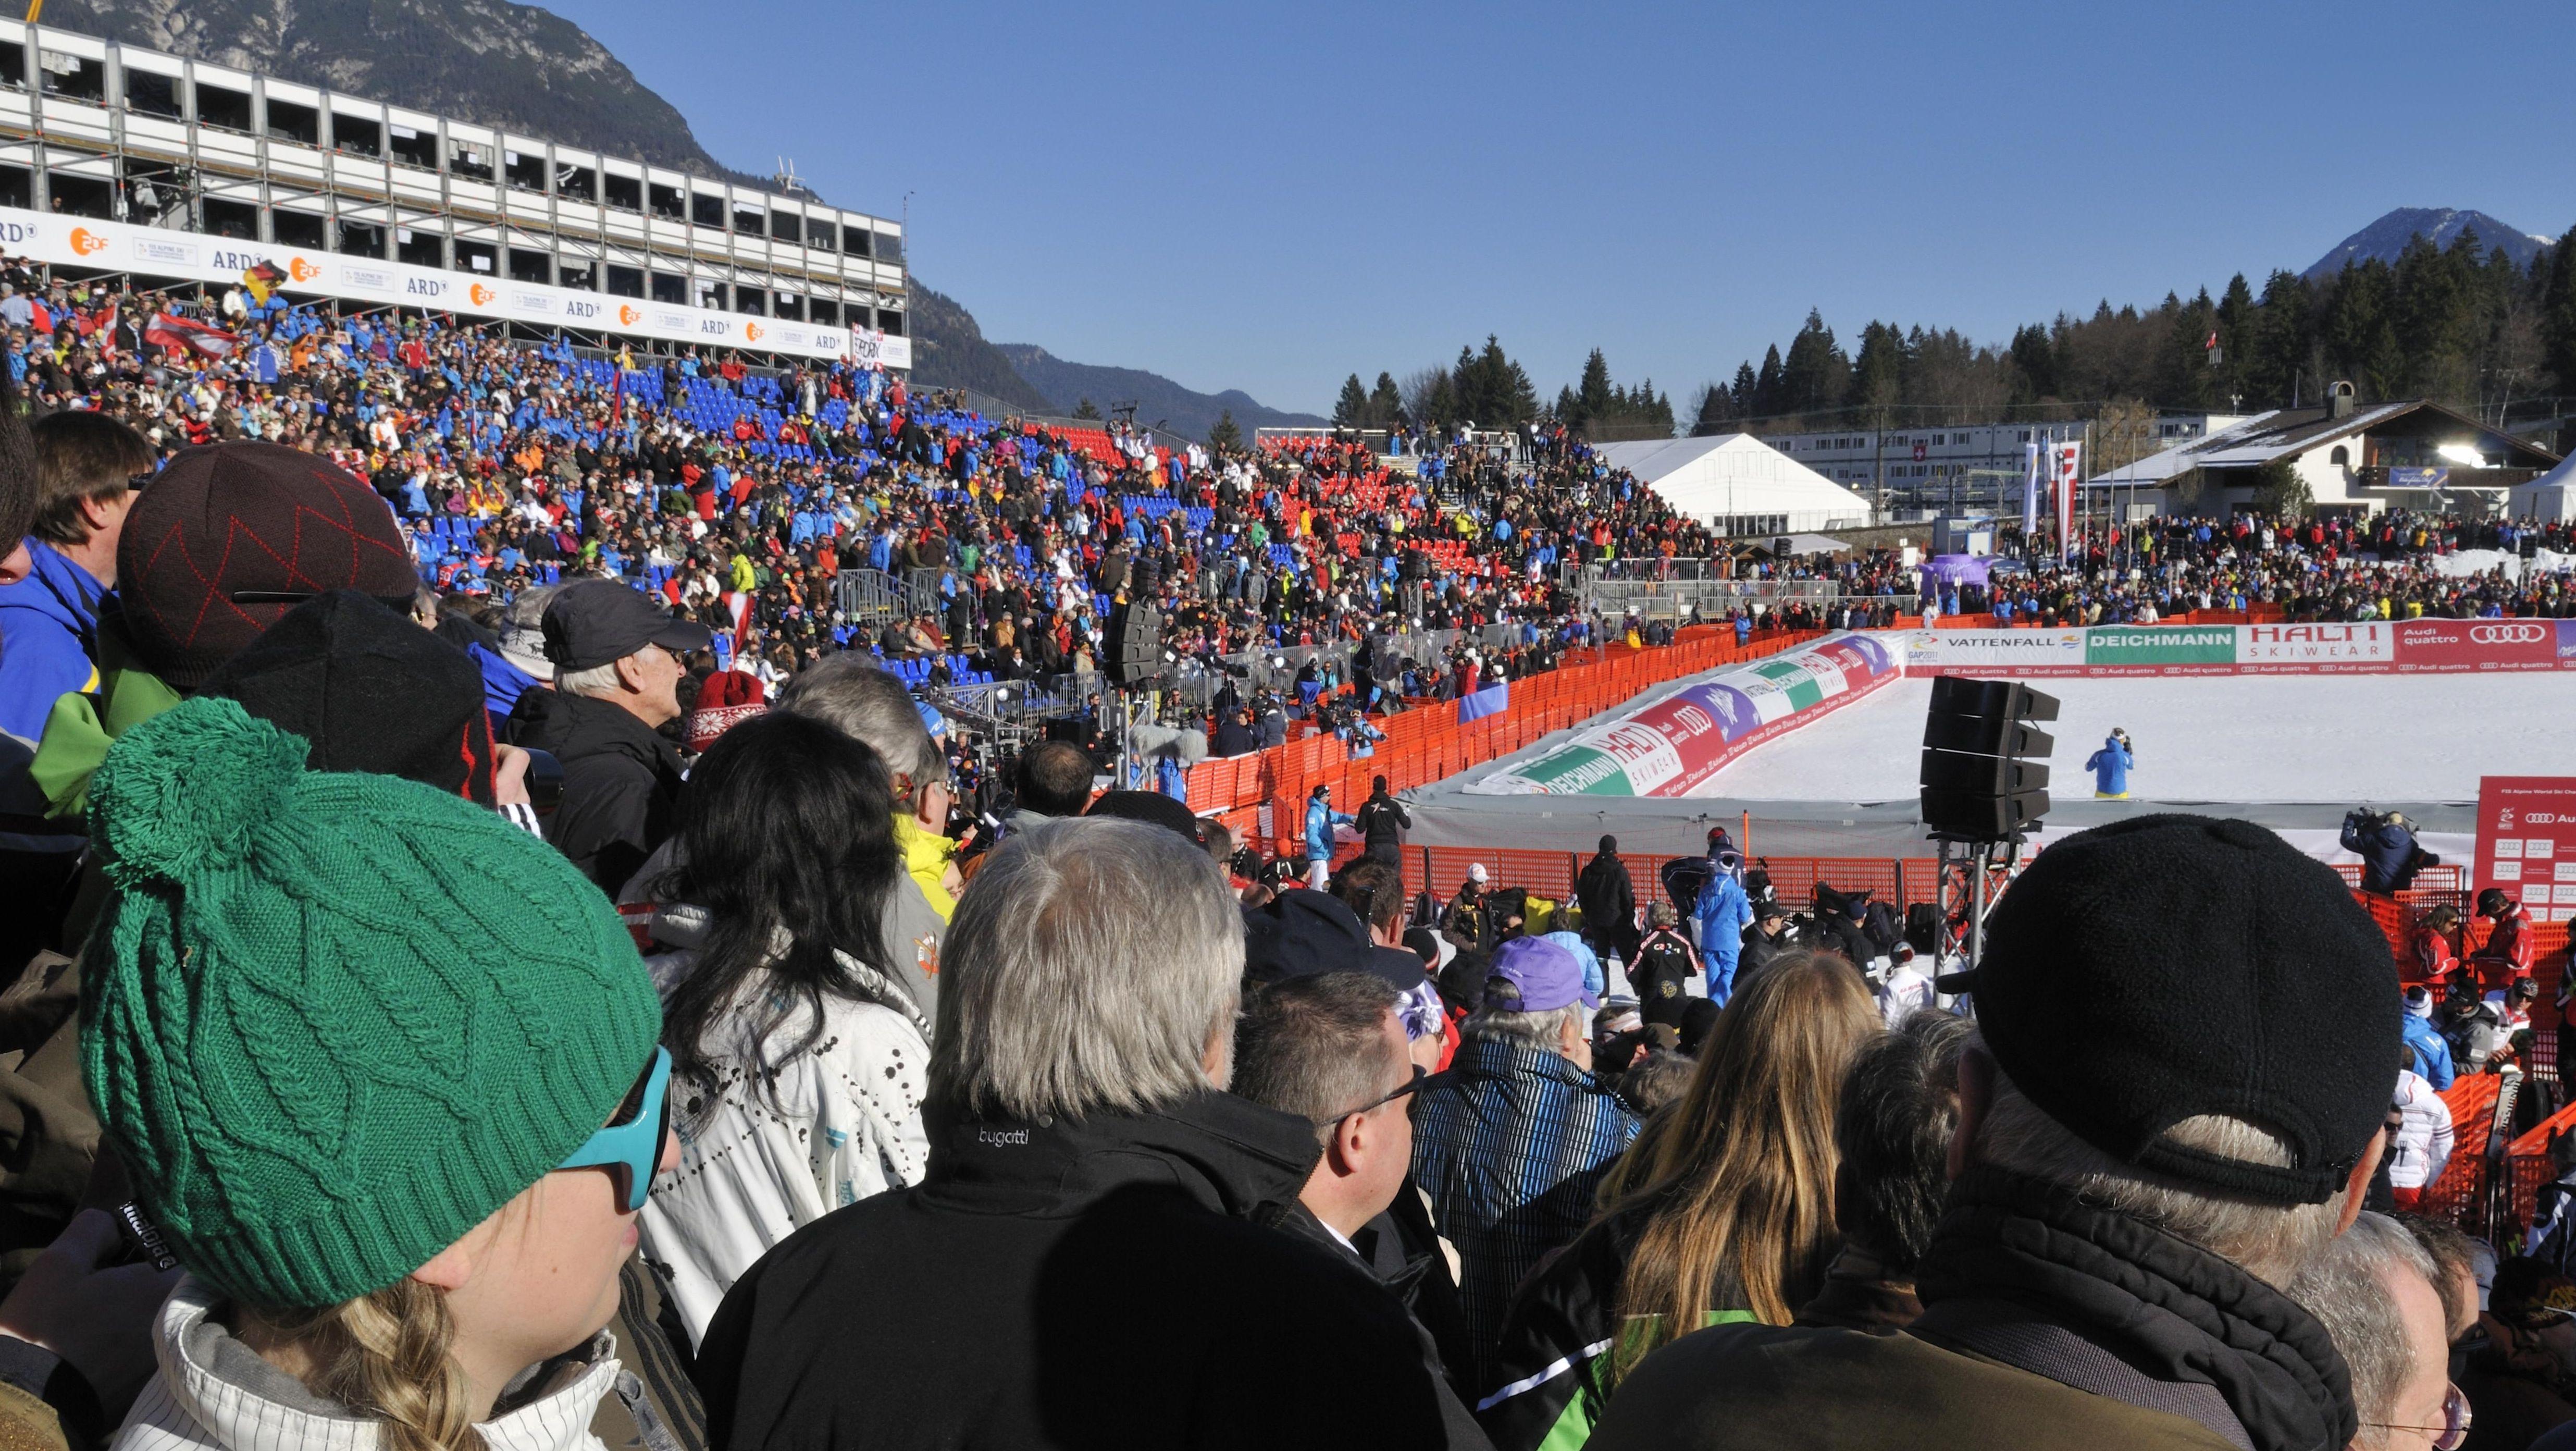 Zielraum bei der Ski-WM 2011 in Garmisch-Partenkirchen